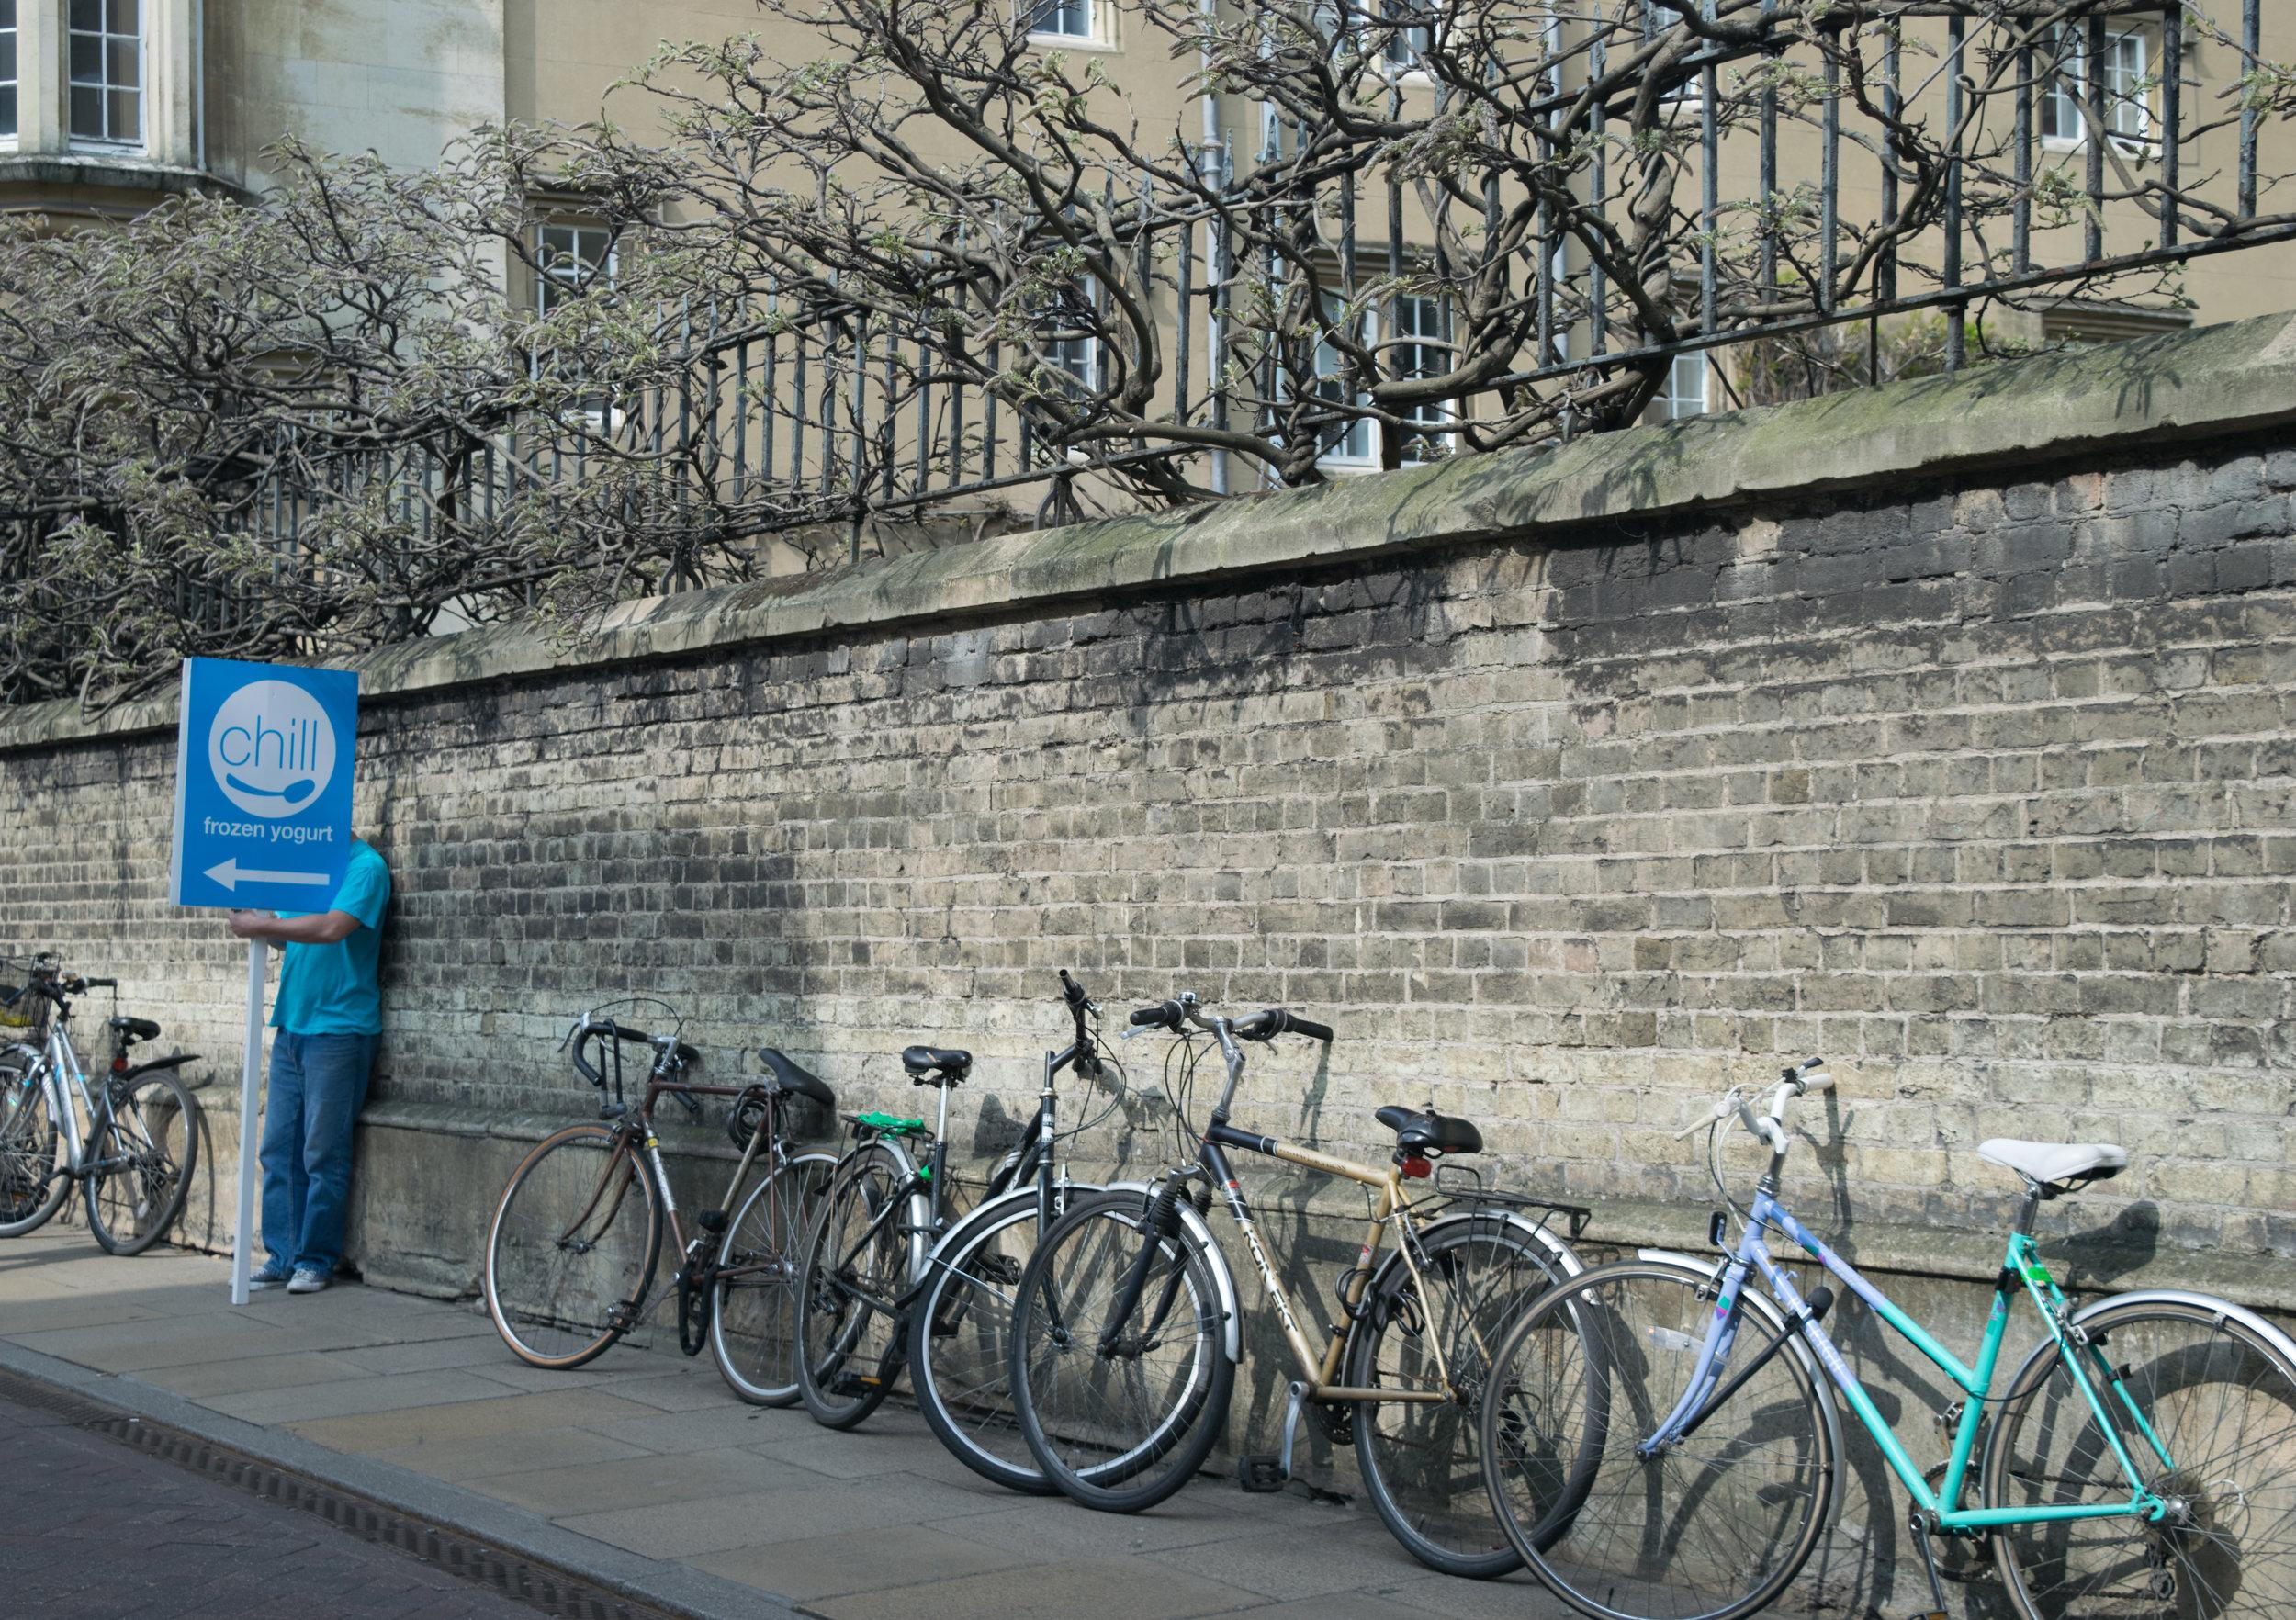 Chill + bikes Sidney Sussex.jpg